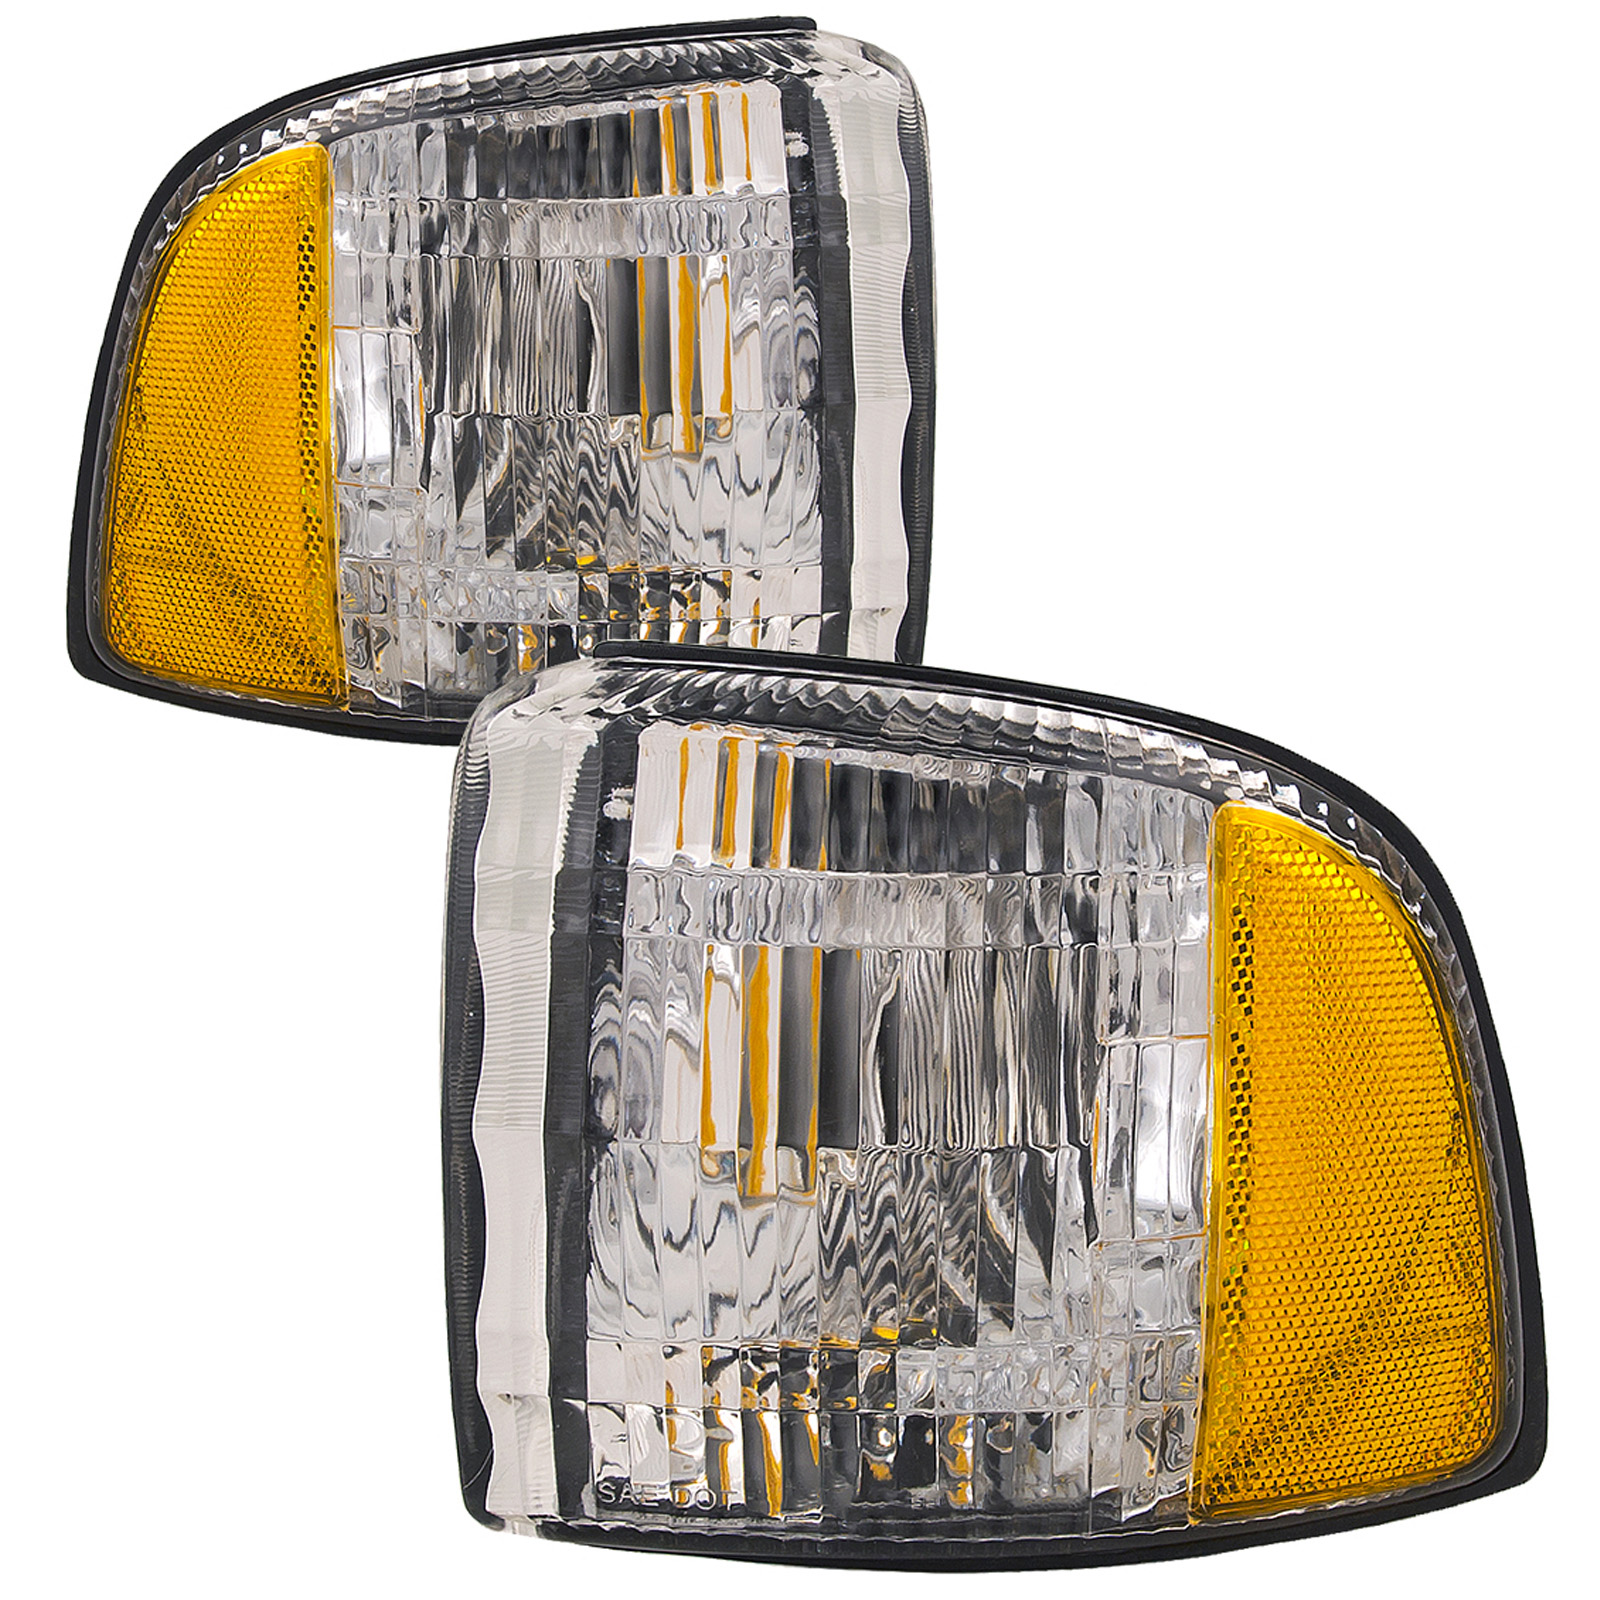 LEFT Corner Fits 94-02 Dodge Ram 1500 2500 3500 Driver Side Parking Light